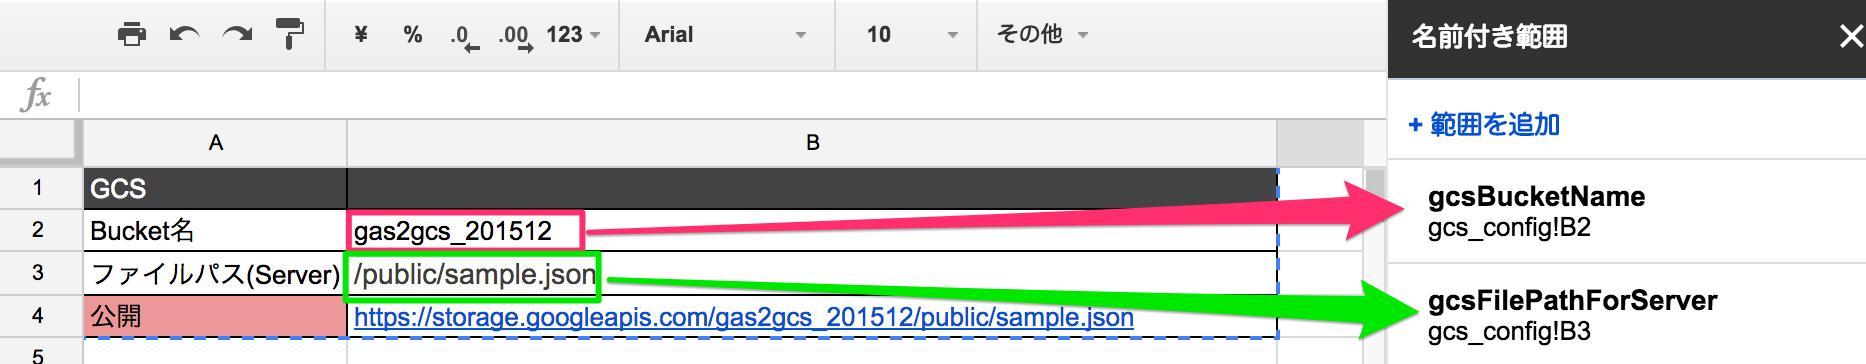 gas2gcs_sample_-_Google_スプレッドシート.png